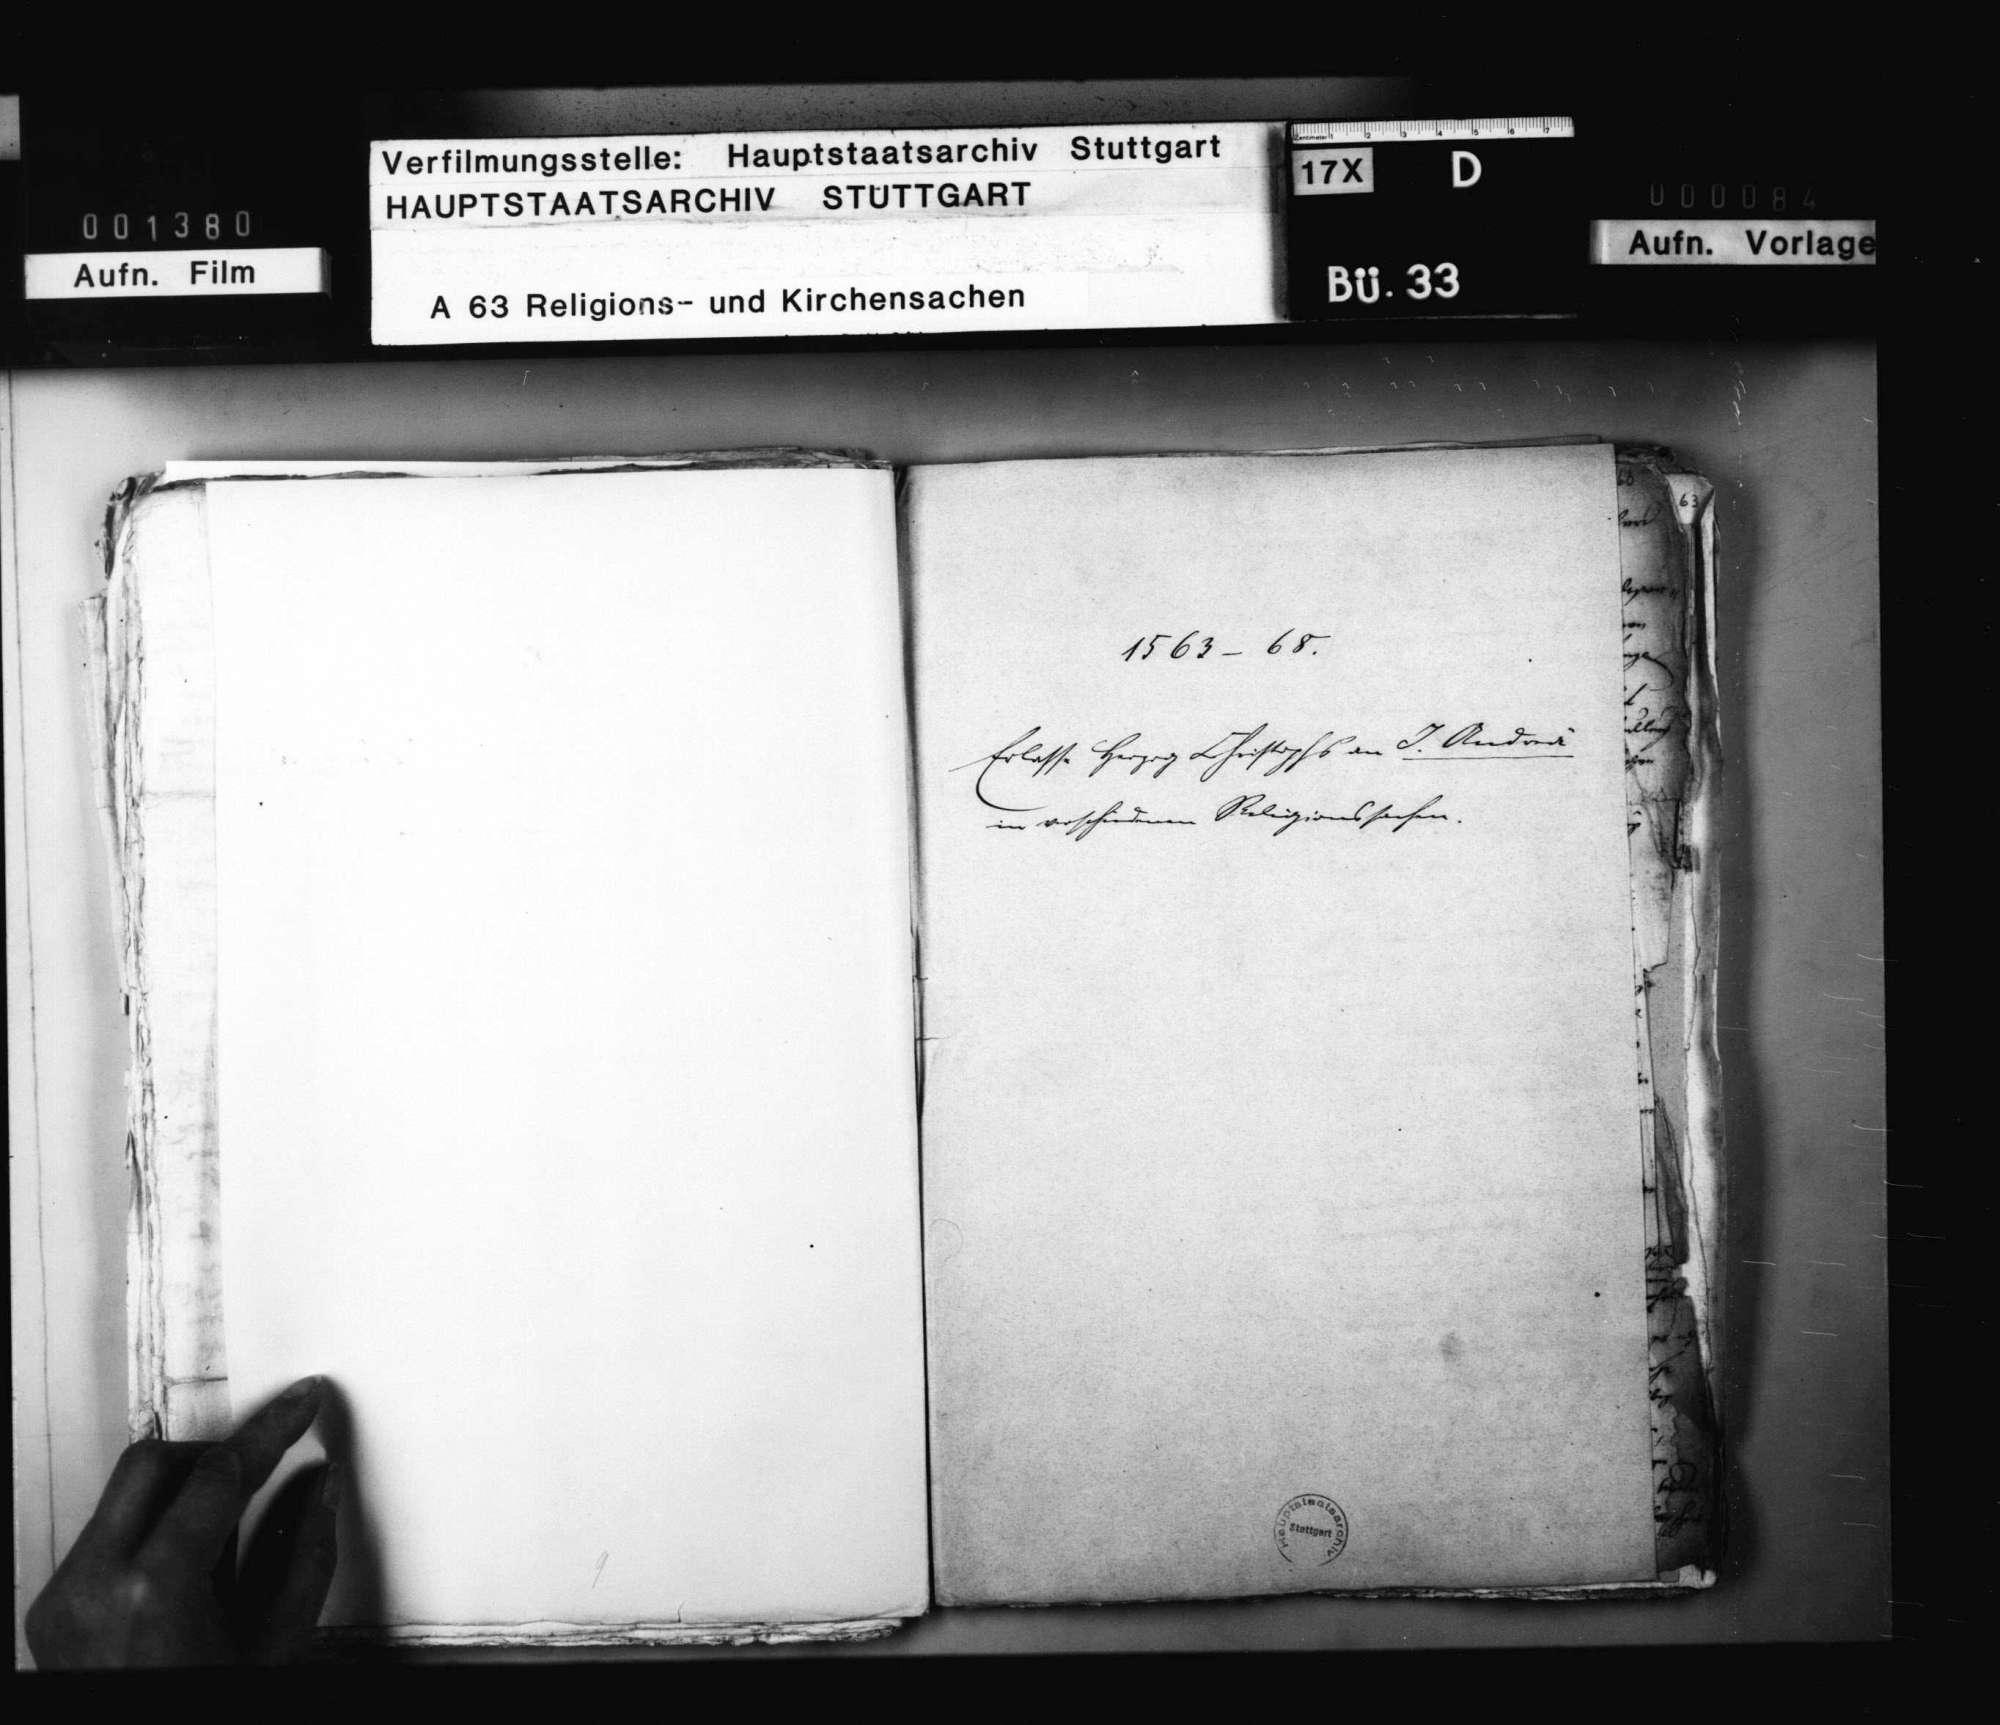 Missive Pfalzgraf Wolfgangs an Herzog Christoph mit Überschickung seiner Schreiben an die Pfalzgrafen Georg, Reichard und Ludwig wegen der Einführung des Calvinismus durch Kurfürst Friedrich., Bild 1